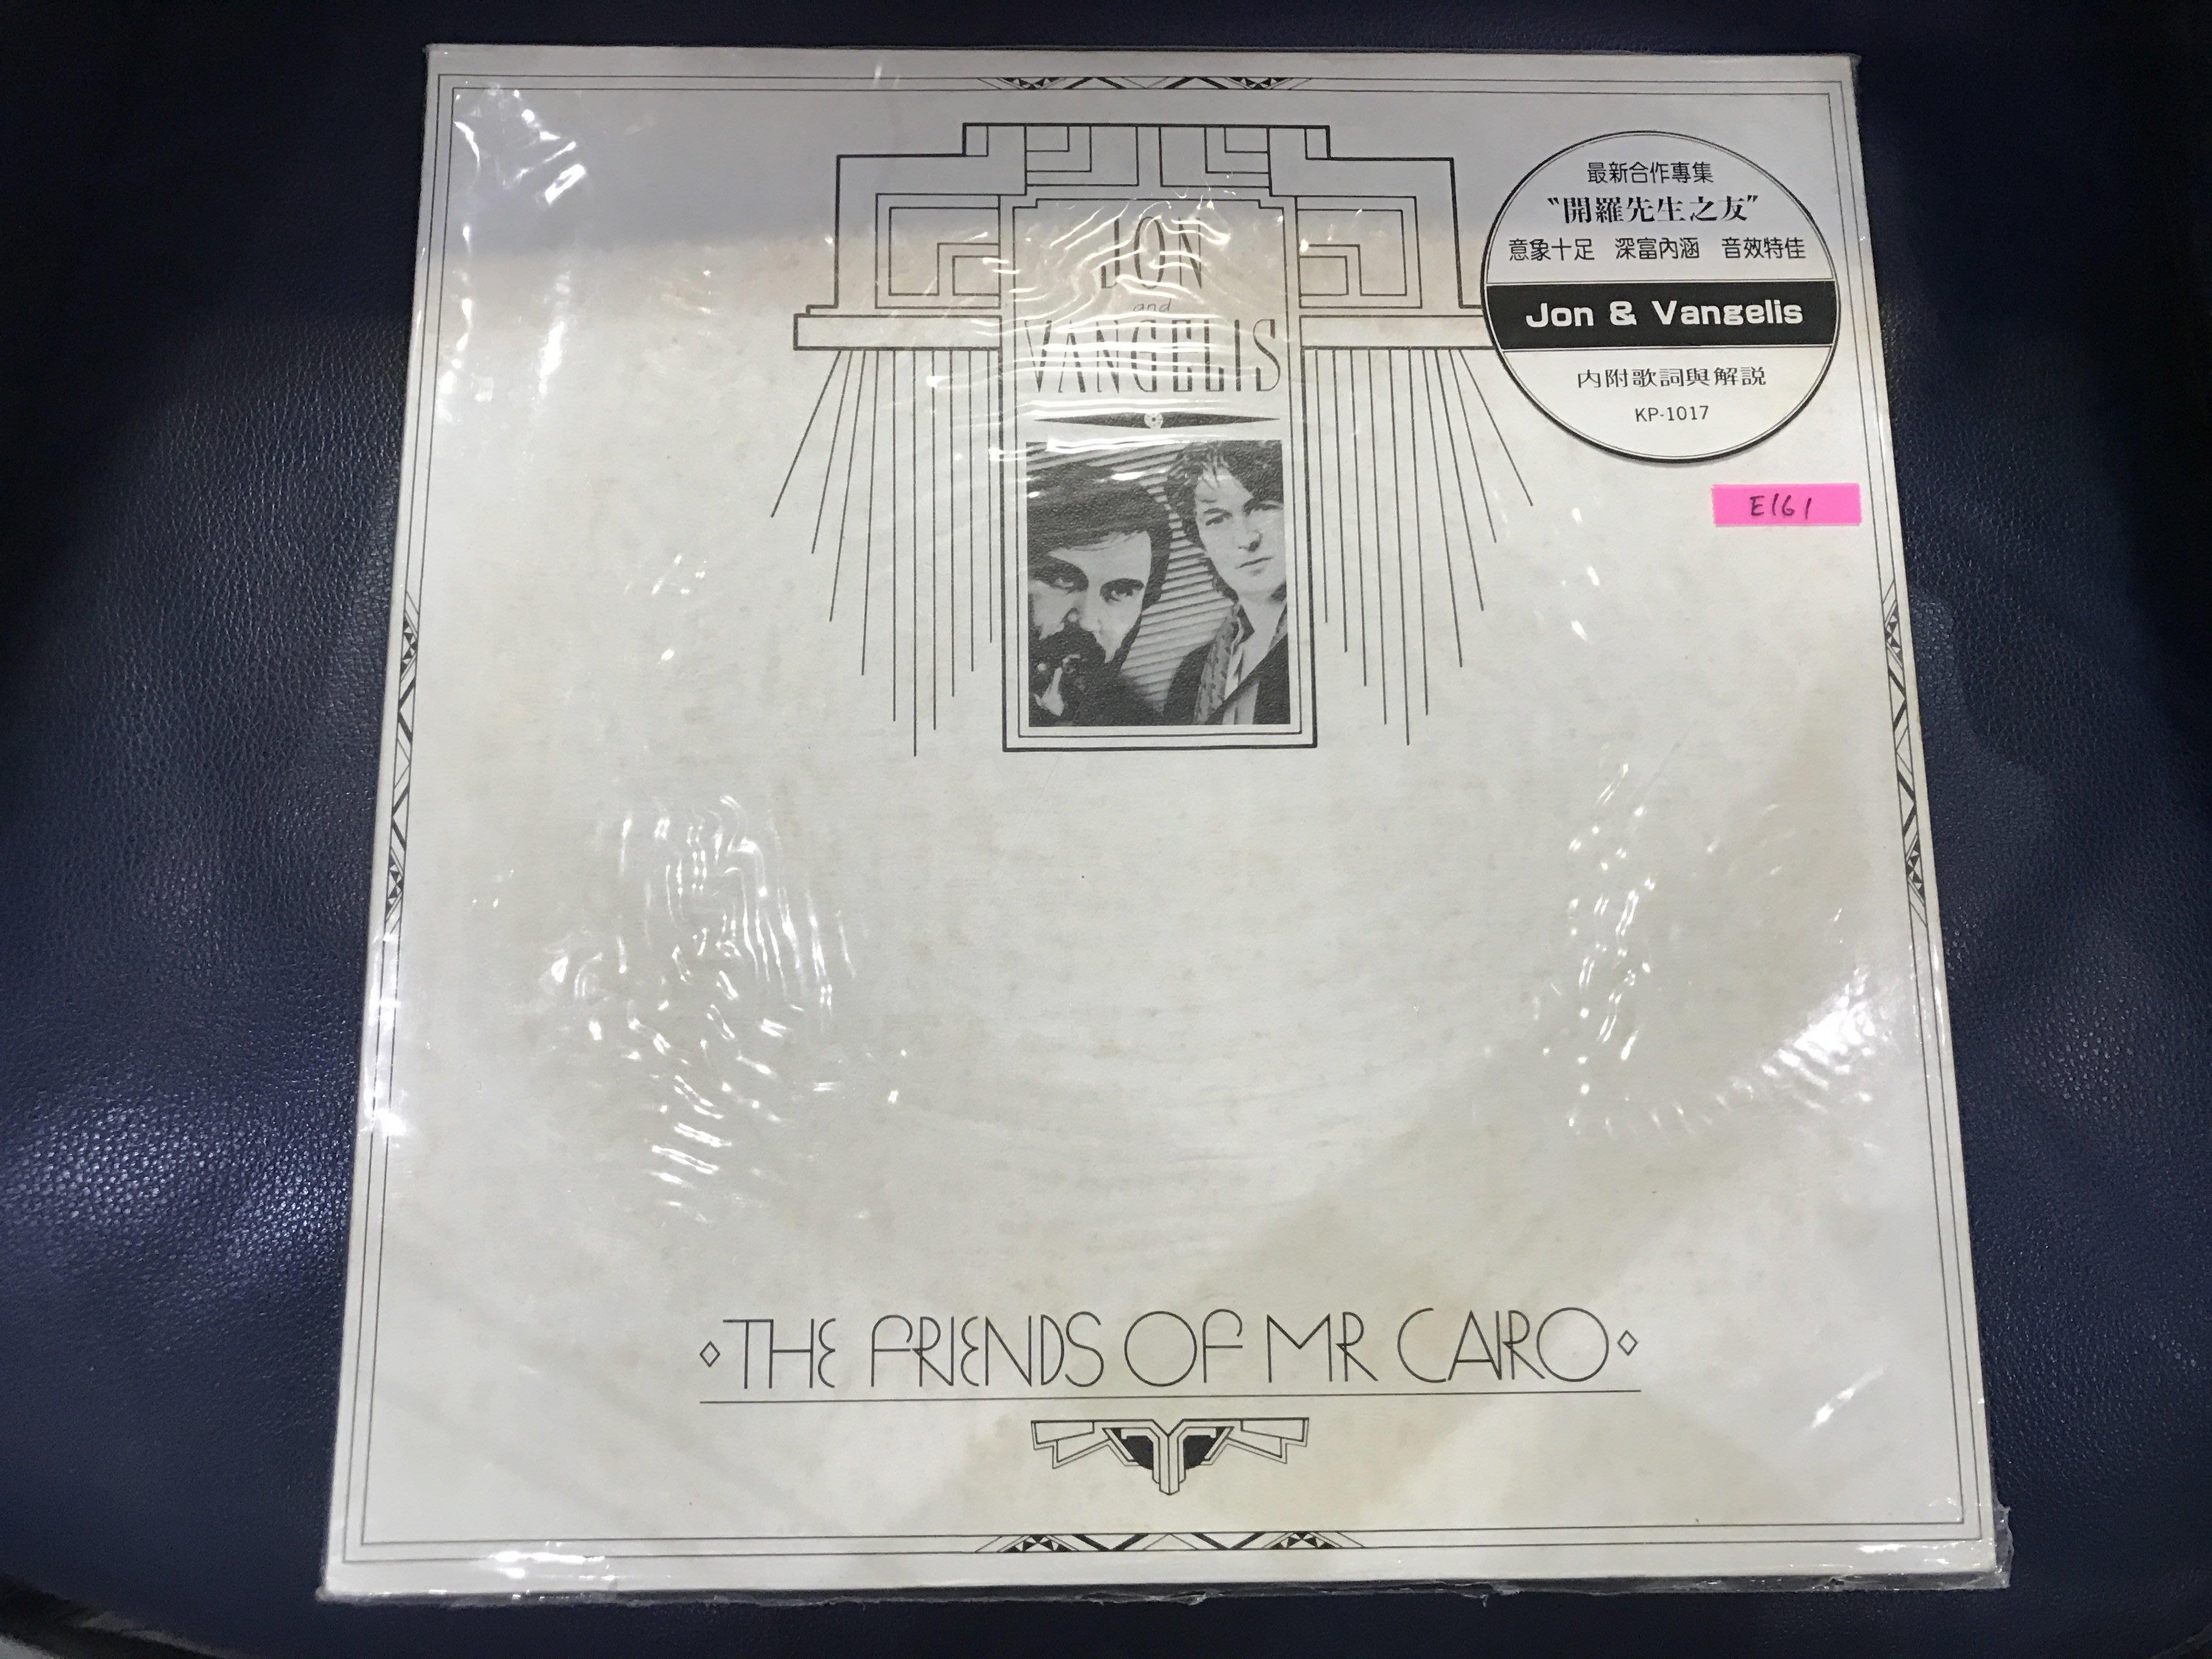 愛樂唱片 (JON & VANGELIS / THE FRIENDS OF) 二手 黑膠唱片 E161(台灣原版)